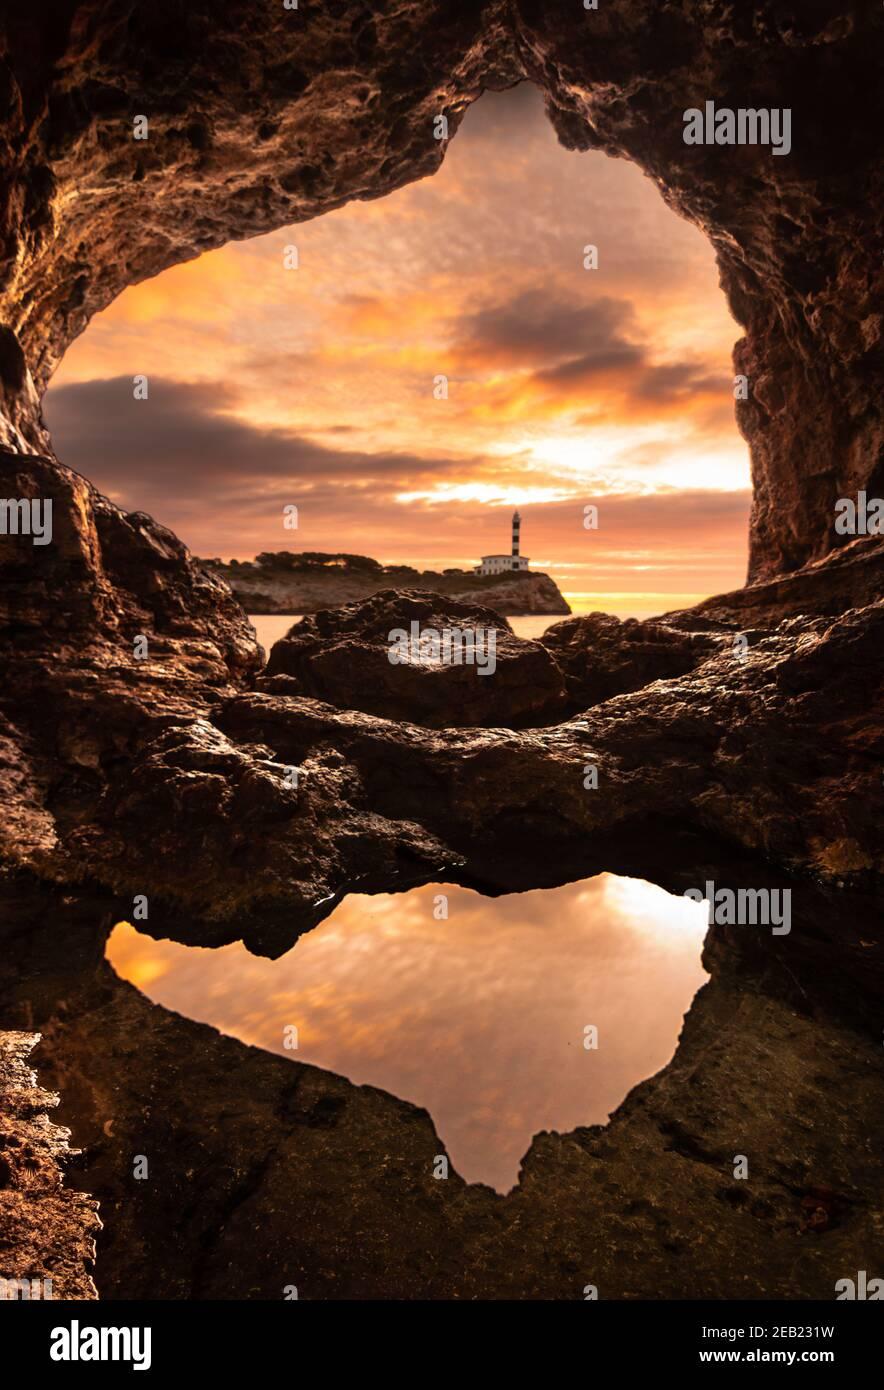 Faro di Portocolom, Maiorca, visto dall'interno di una grotta all'alba con una pozza in primo piano che riflette il cielo Foto Stock